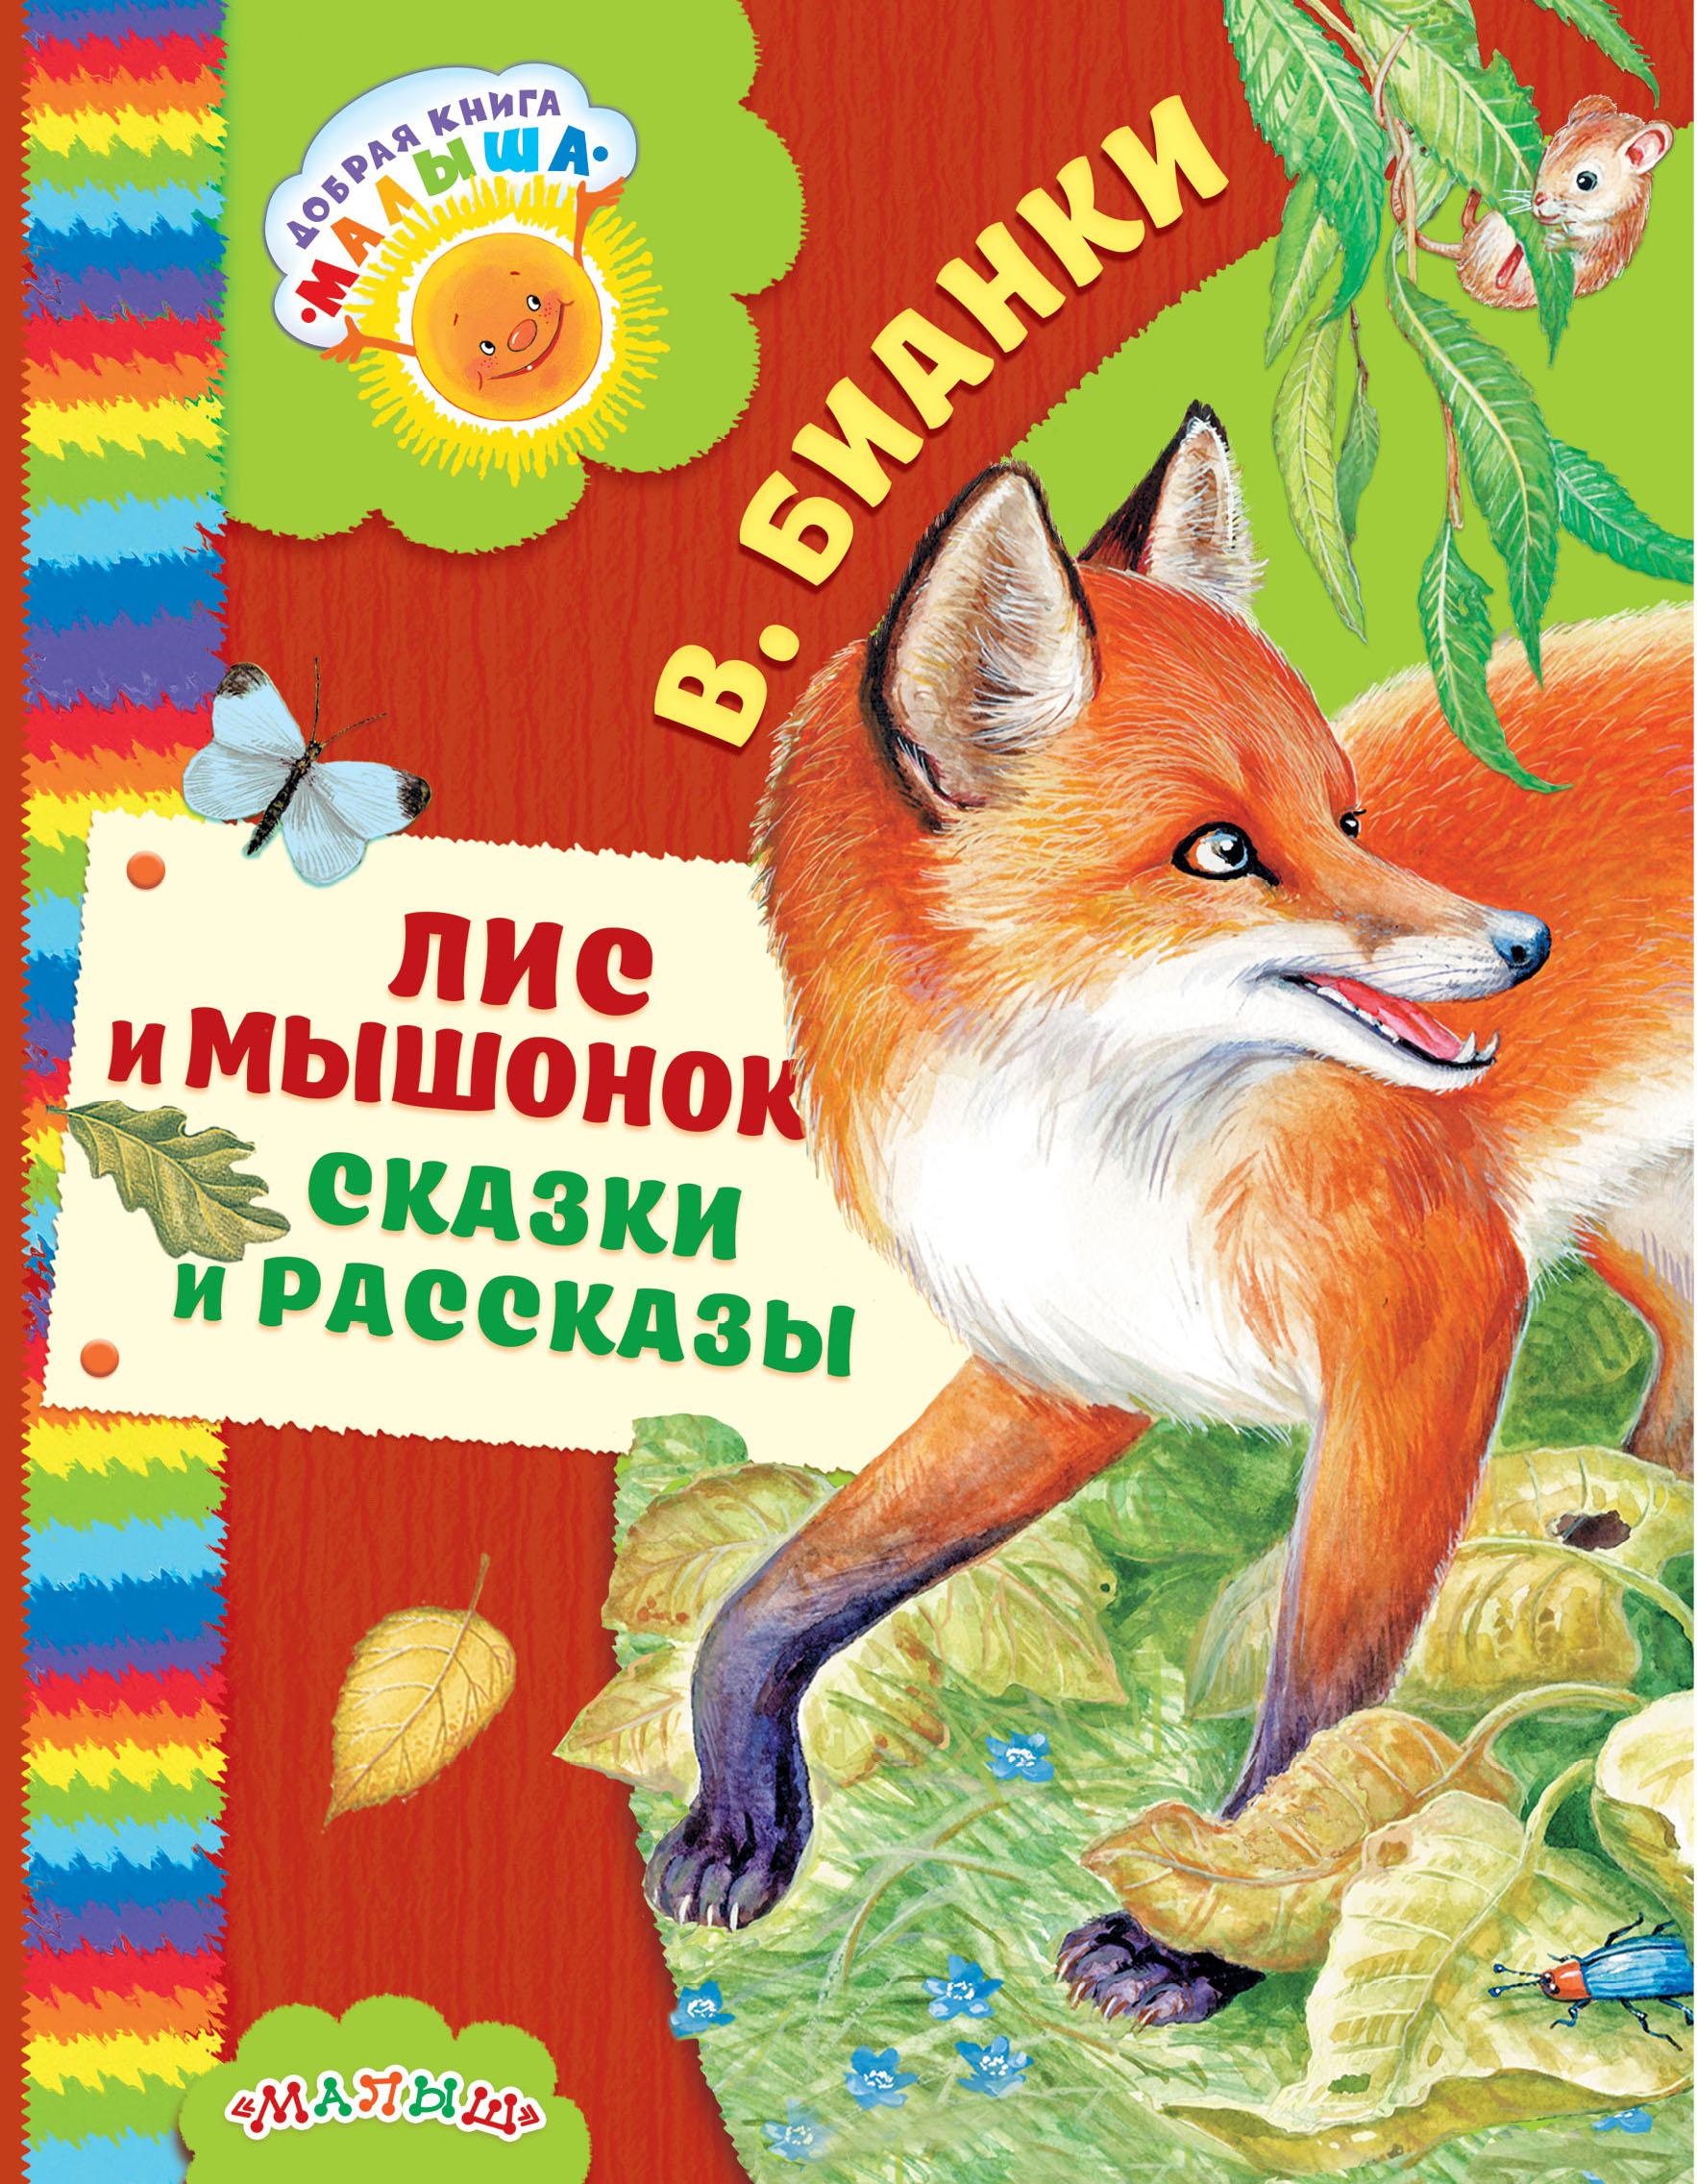 Бианки В.В. Лис и мышонок. Сказки и рассказы художественные книги детиздат рассказы и сказки хитрый лис и умная уточка в бианки